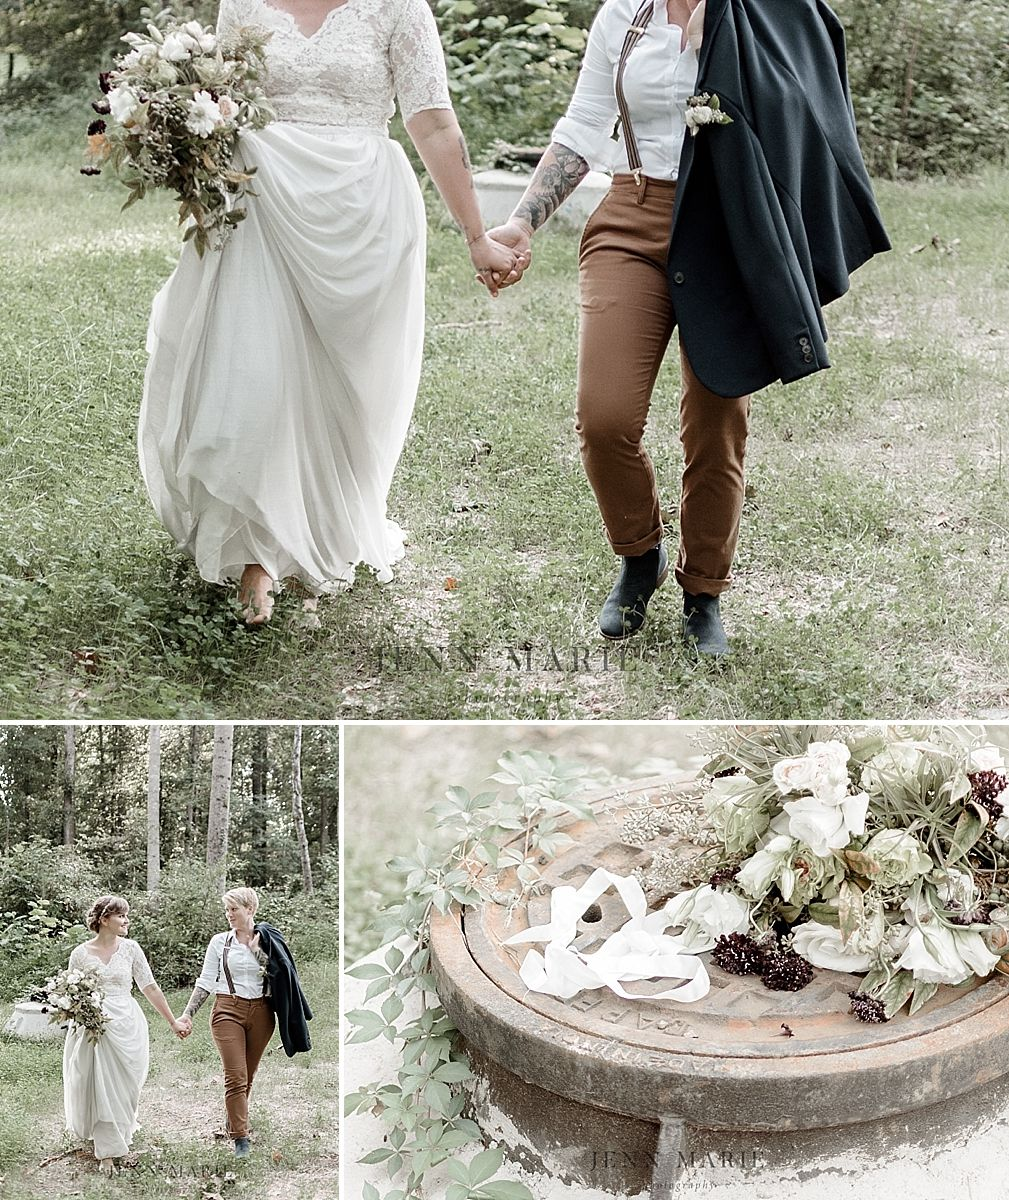 Lgbtq wedding outdoor wedding wedding bouquet richmond wedding